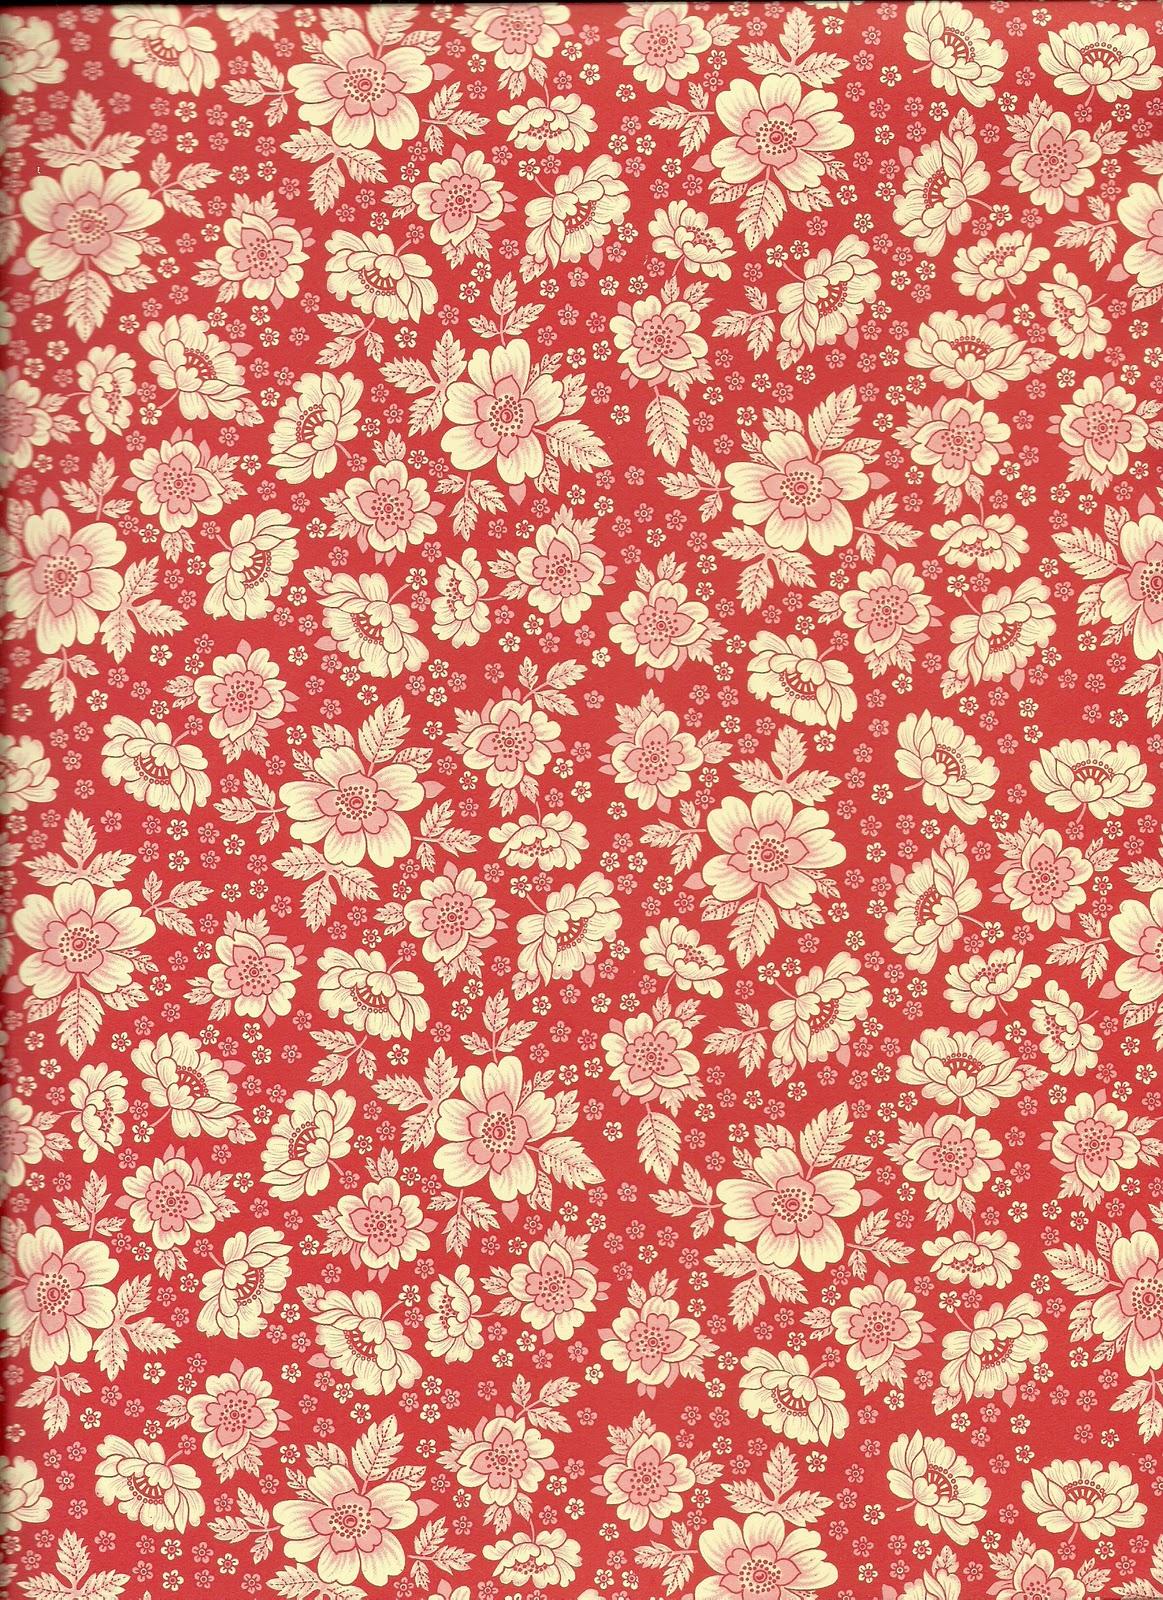 Papeles servilletas y telas de tere papel flores 016 - Papeles y telas ...